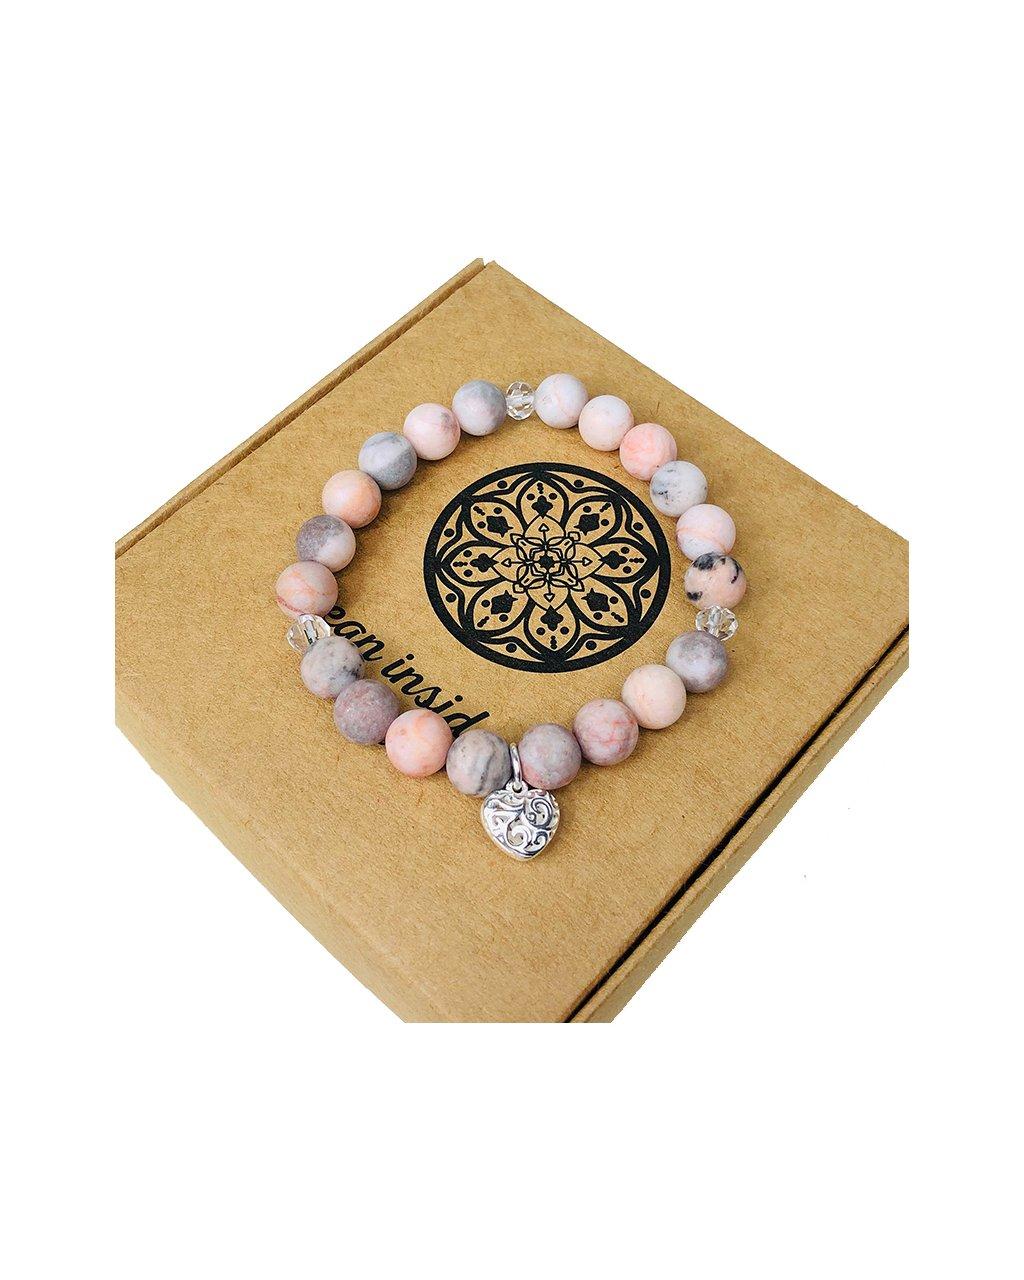 Luxusní náramek z polodrahokamu jaspis růžový zebrovaný a jemné srdíčko